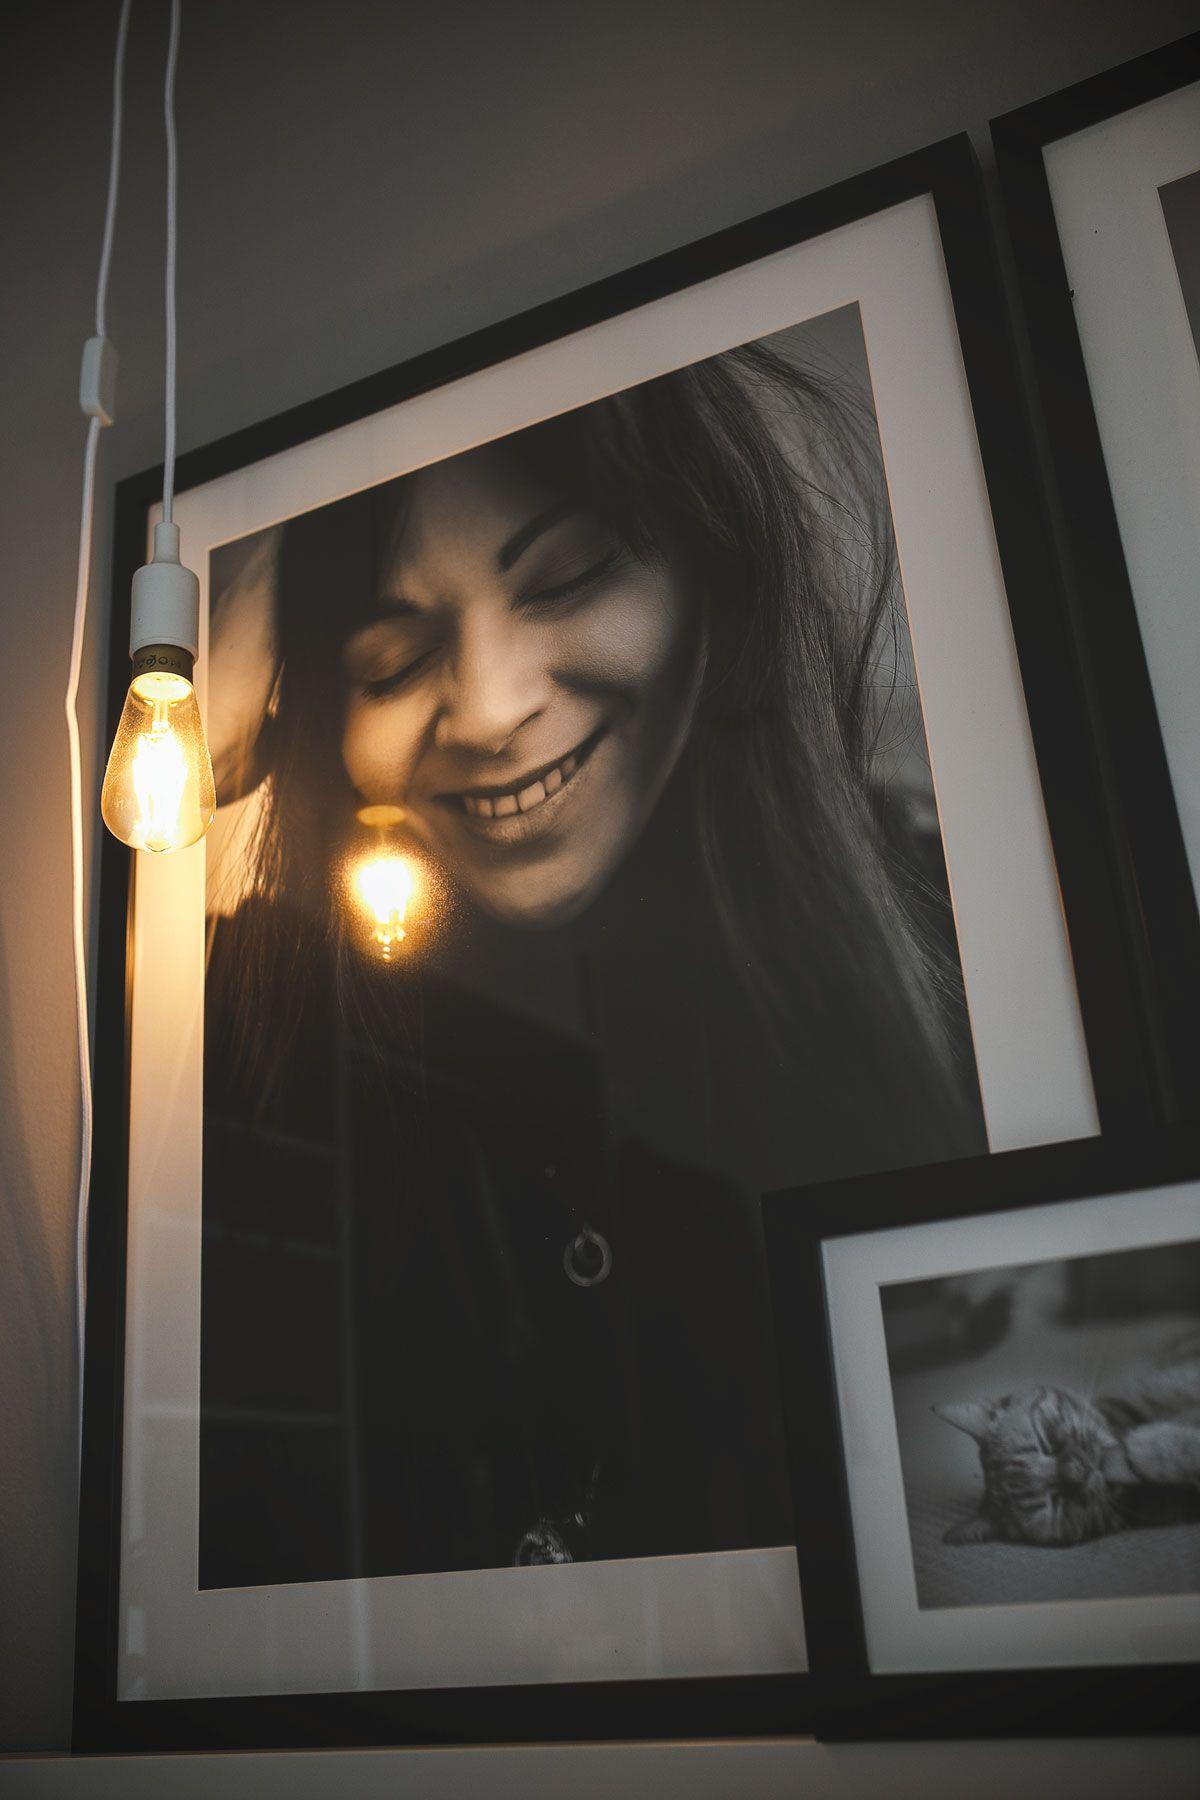 beitrag enthalt werbung fotos auf leinwand drucken lassen mein foto fotoservice poster und w fotobuch gestalten fotowand bedruckte grossbilder